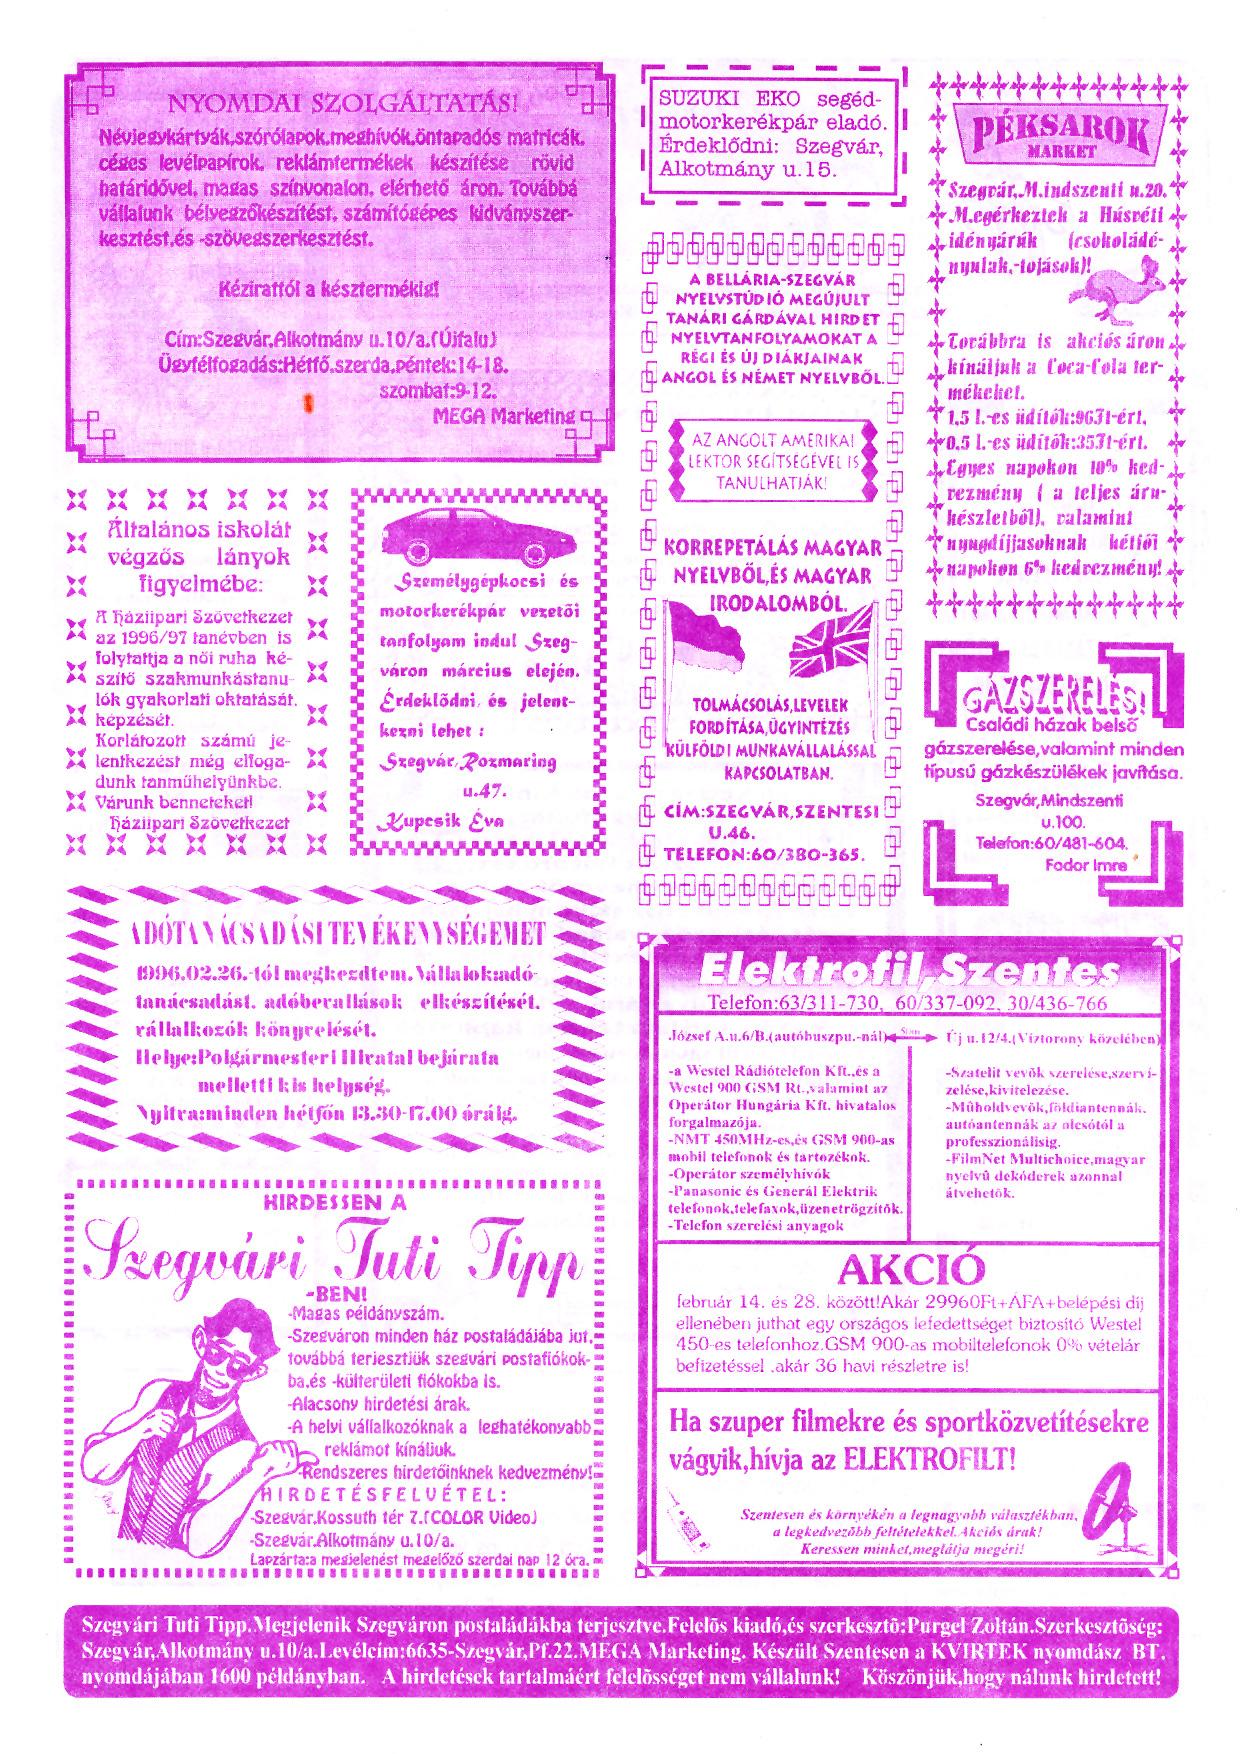 008 Szegvári Tuti Tipp reklámújság - 19960224-016. lapszám - 2.oldal - II. évfolyam.jpg